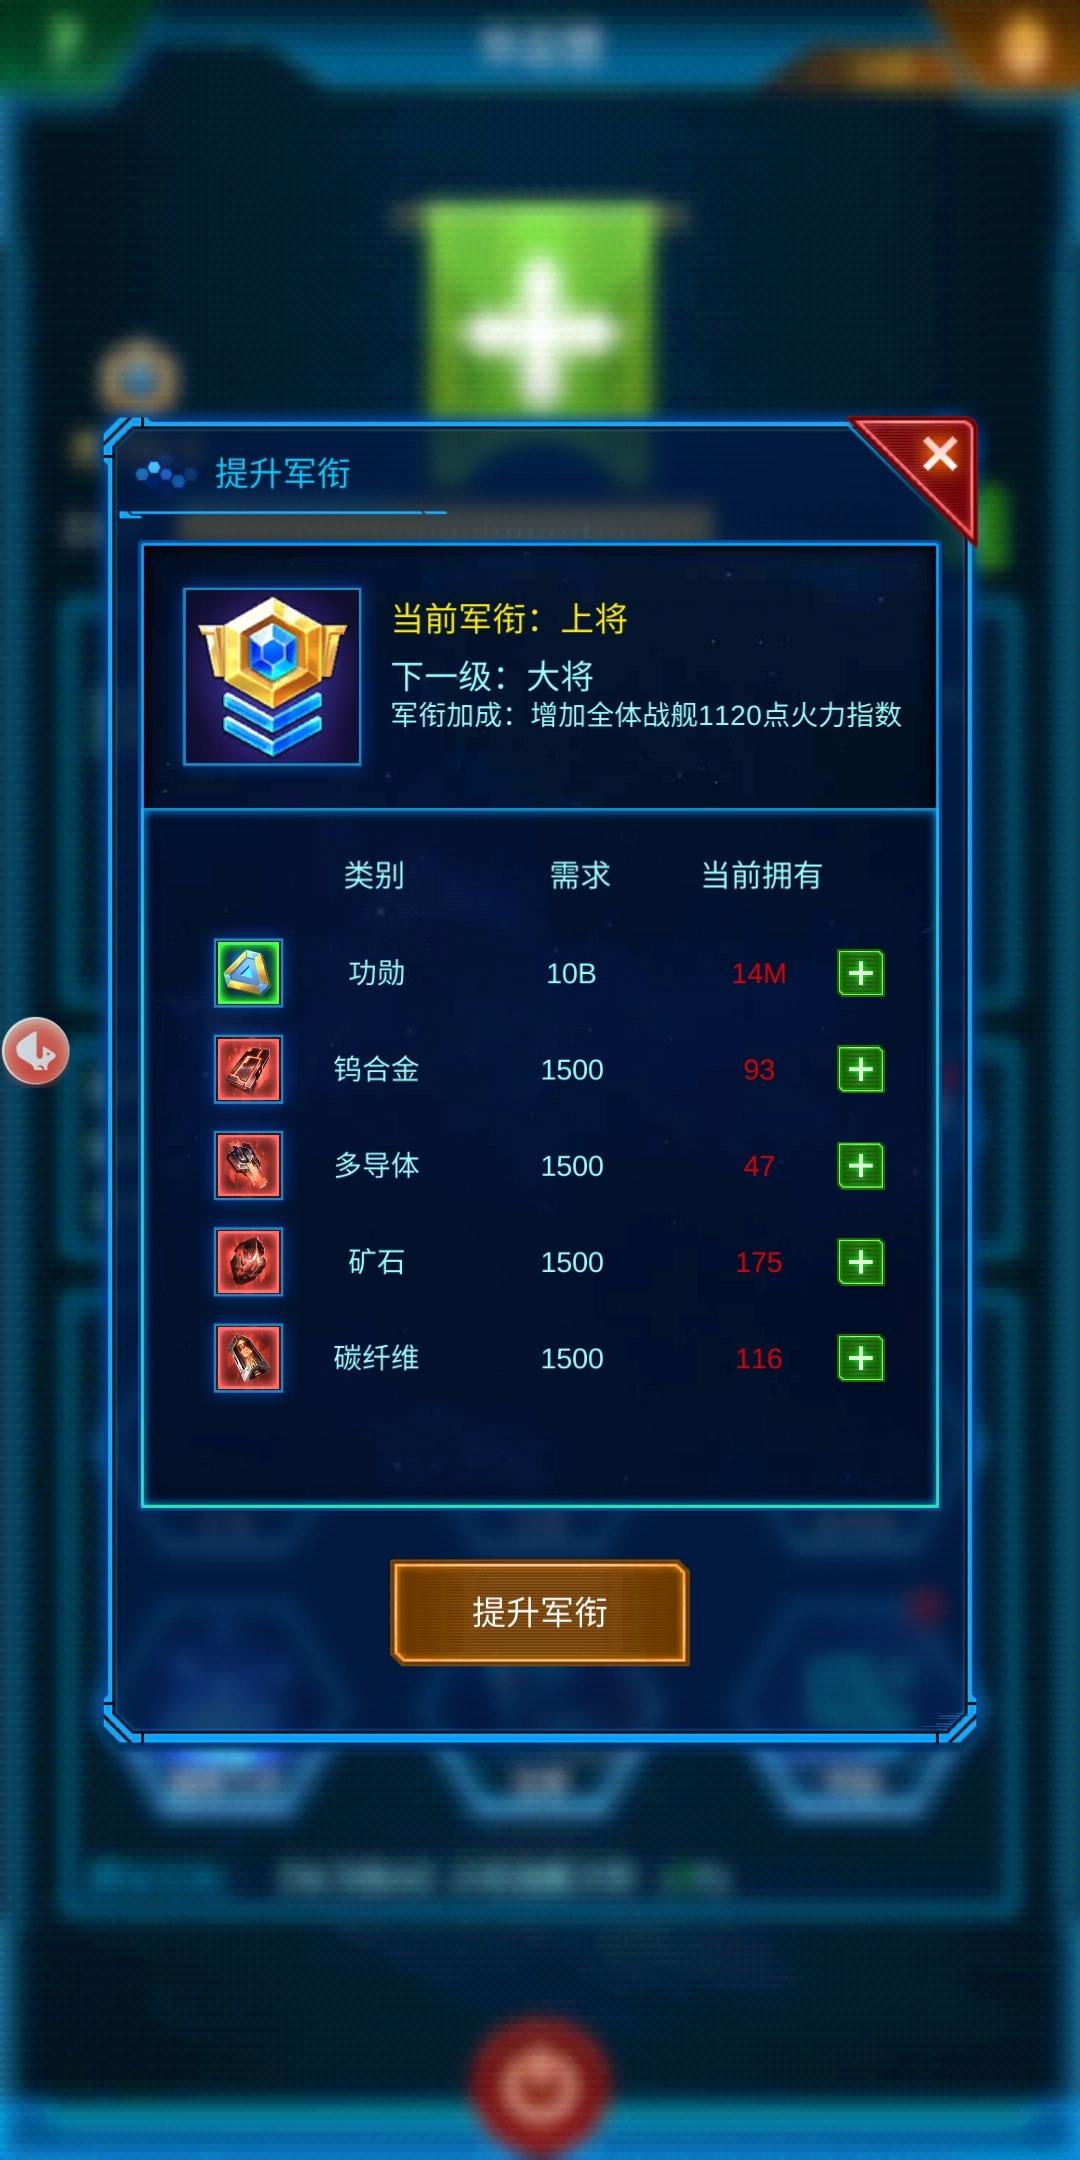 Screenshot_2020-04-22-22-31-26-476_com.xhzfz.mobile.xjjd.jpg